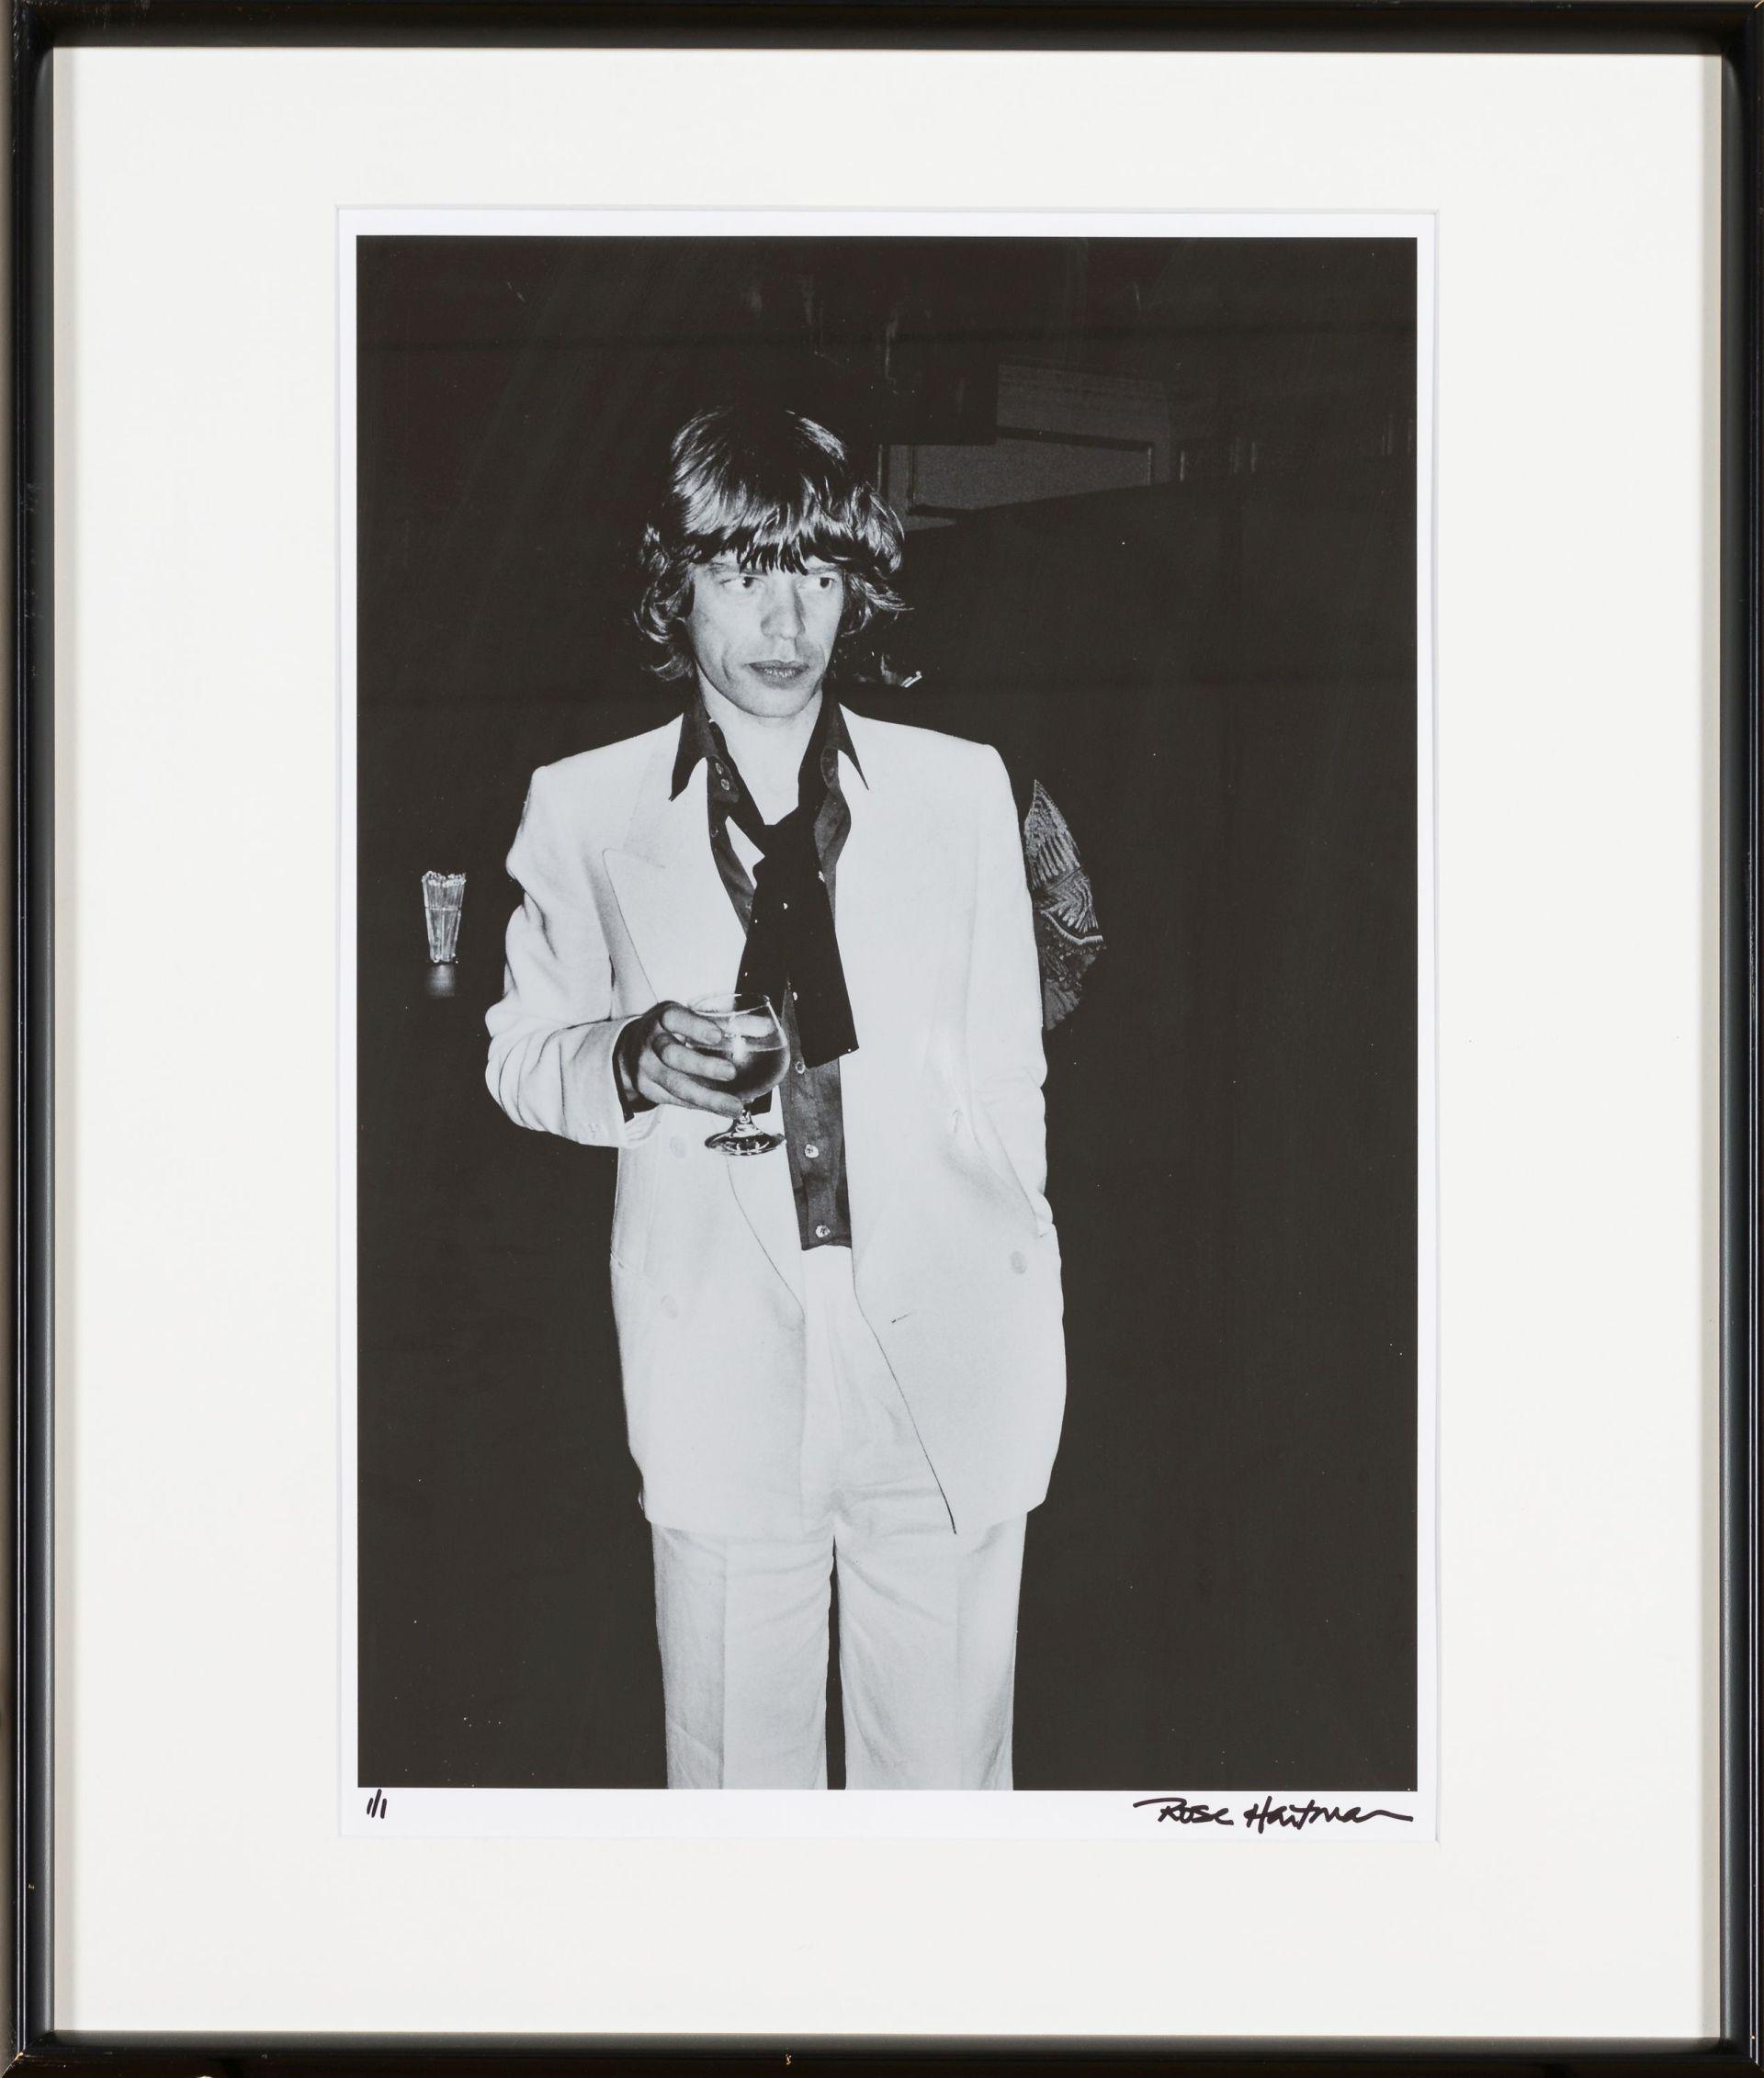 Rose Hartman-Mick Jagger at Biancas 30th Birthday at Club 54 - Vintage Print